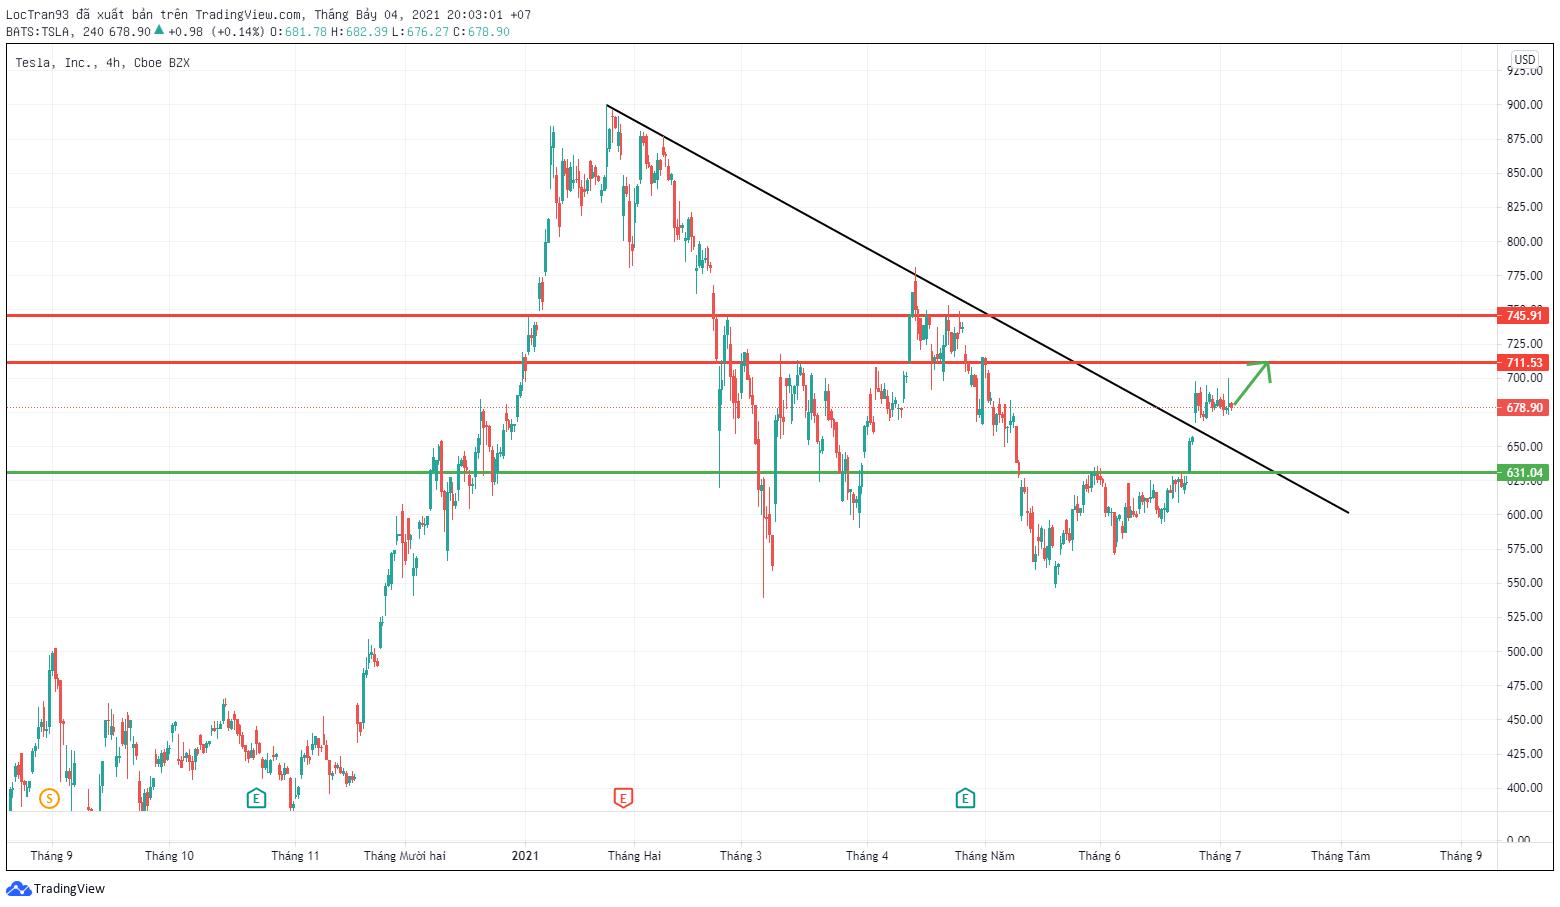 Cổ phiếu tesla đã phá vỡ trendline giảm trong khung H4.